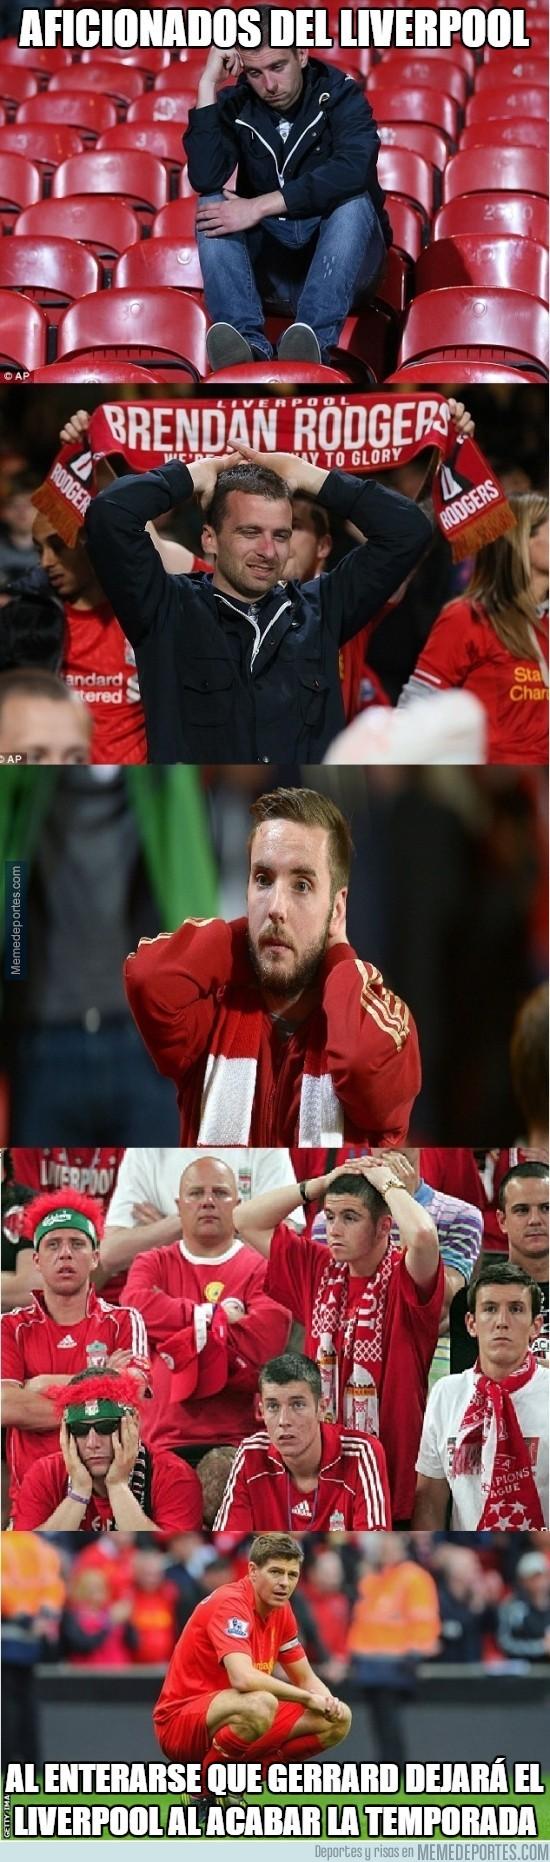 428829 - Gerrard abandona el Liverpool a final de temporada